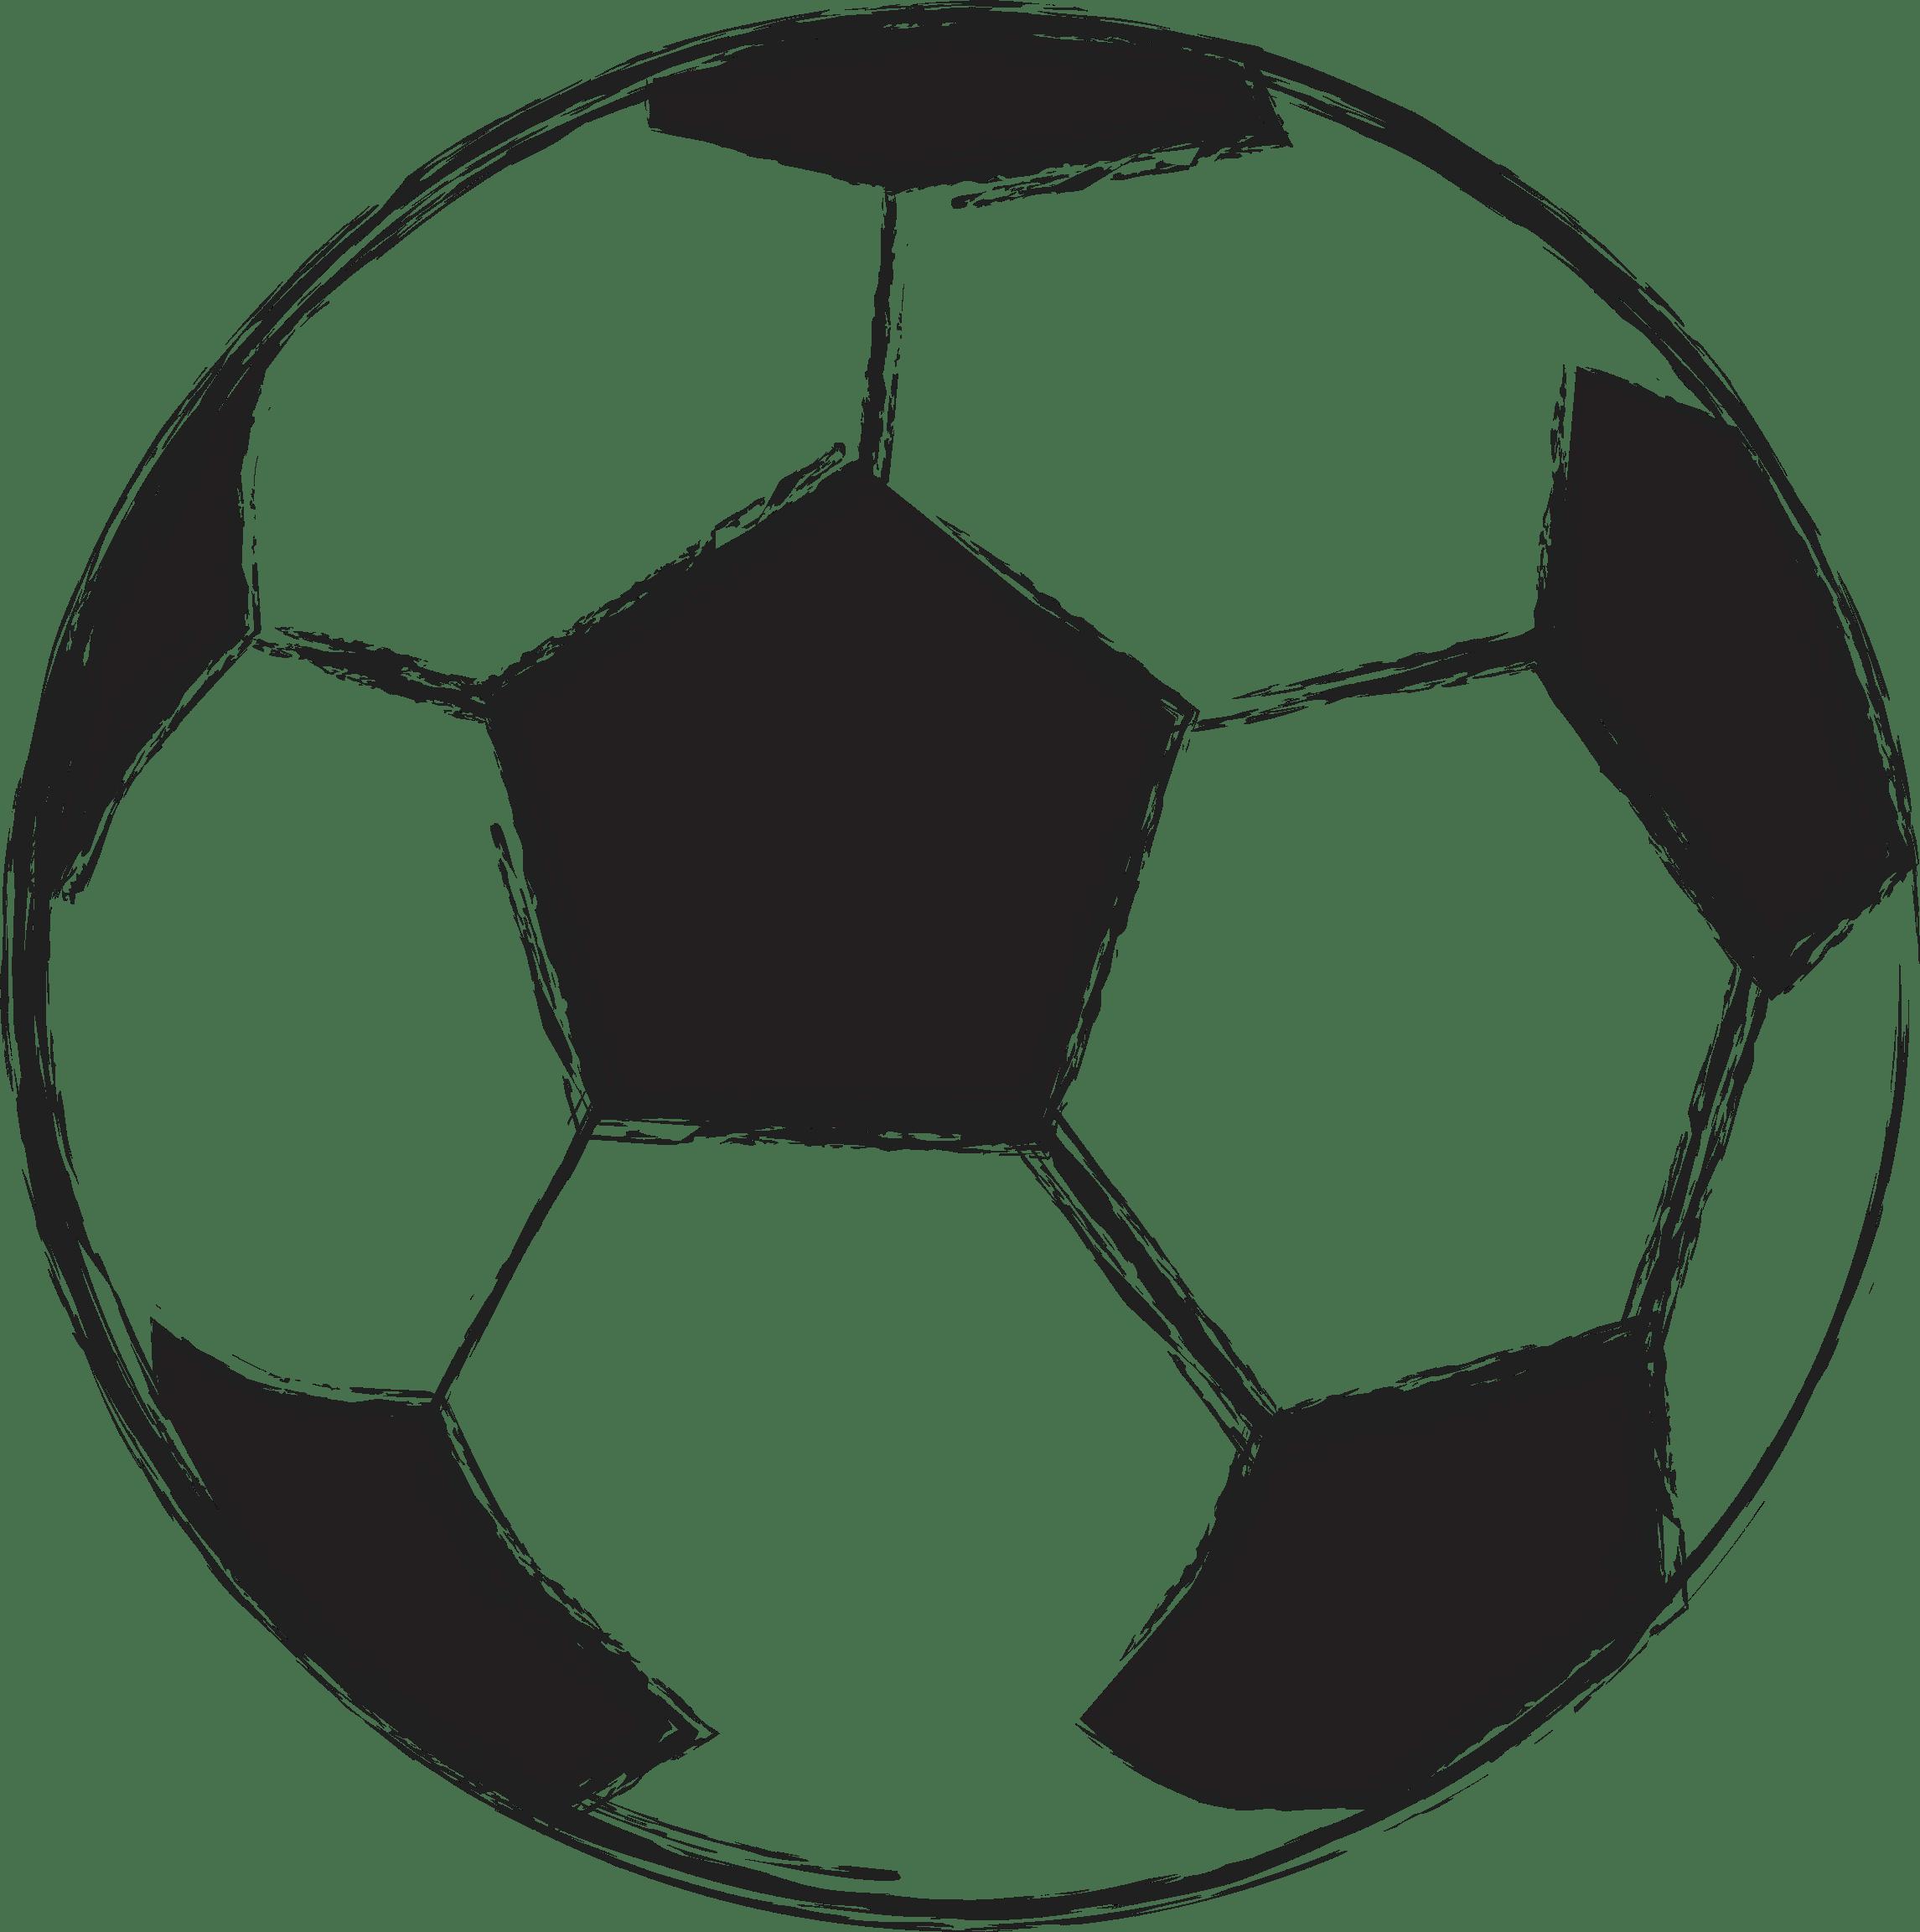 Vetor Bola De Futebol Png , Transparent Cartoon.